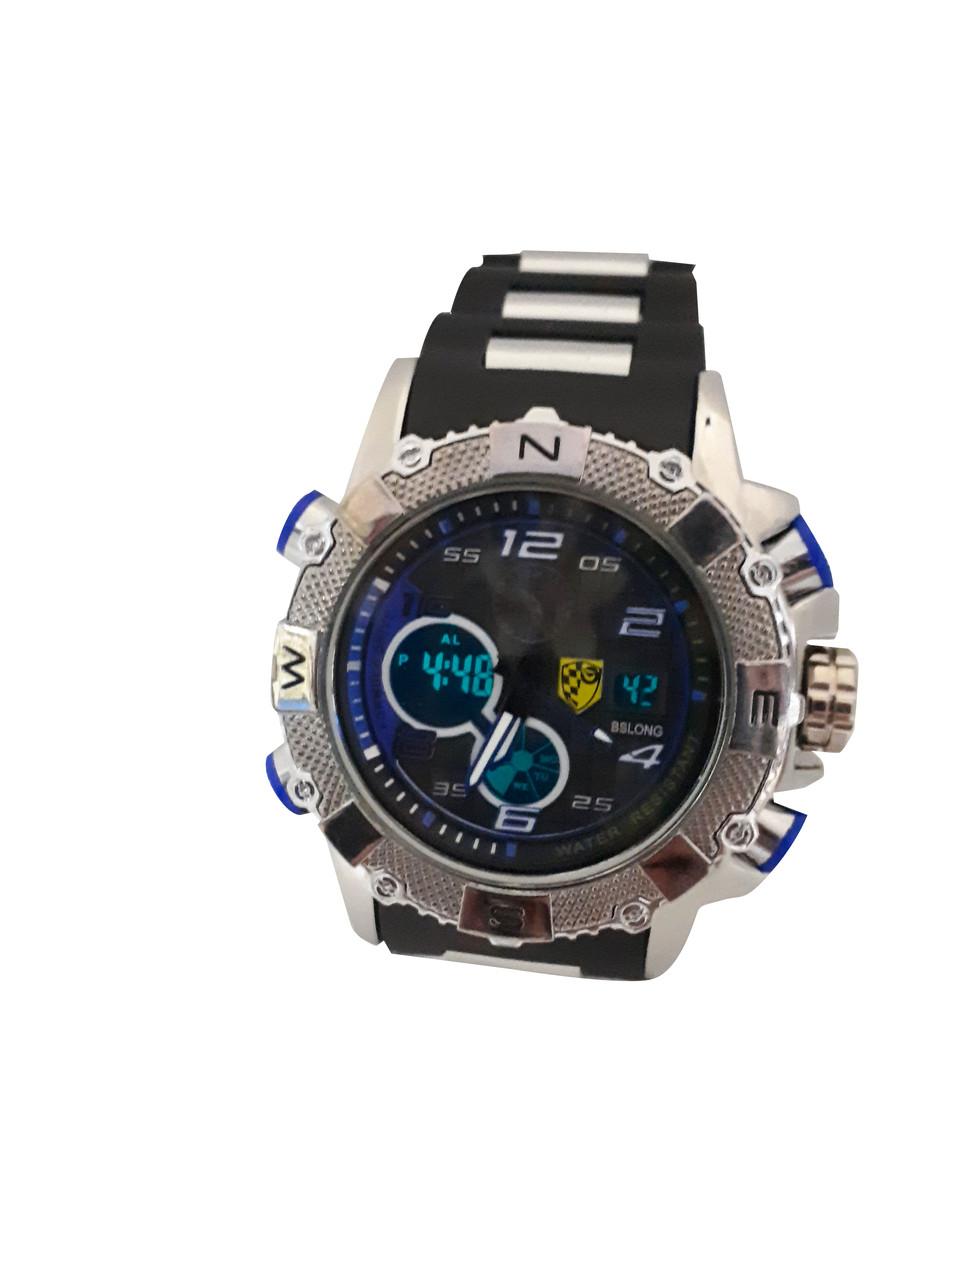 Часы Bslong Синий электронные + кварцевые в железной подарочной коробке.